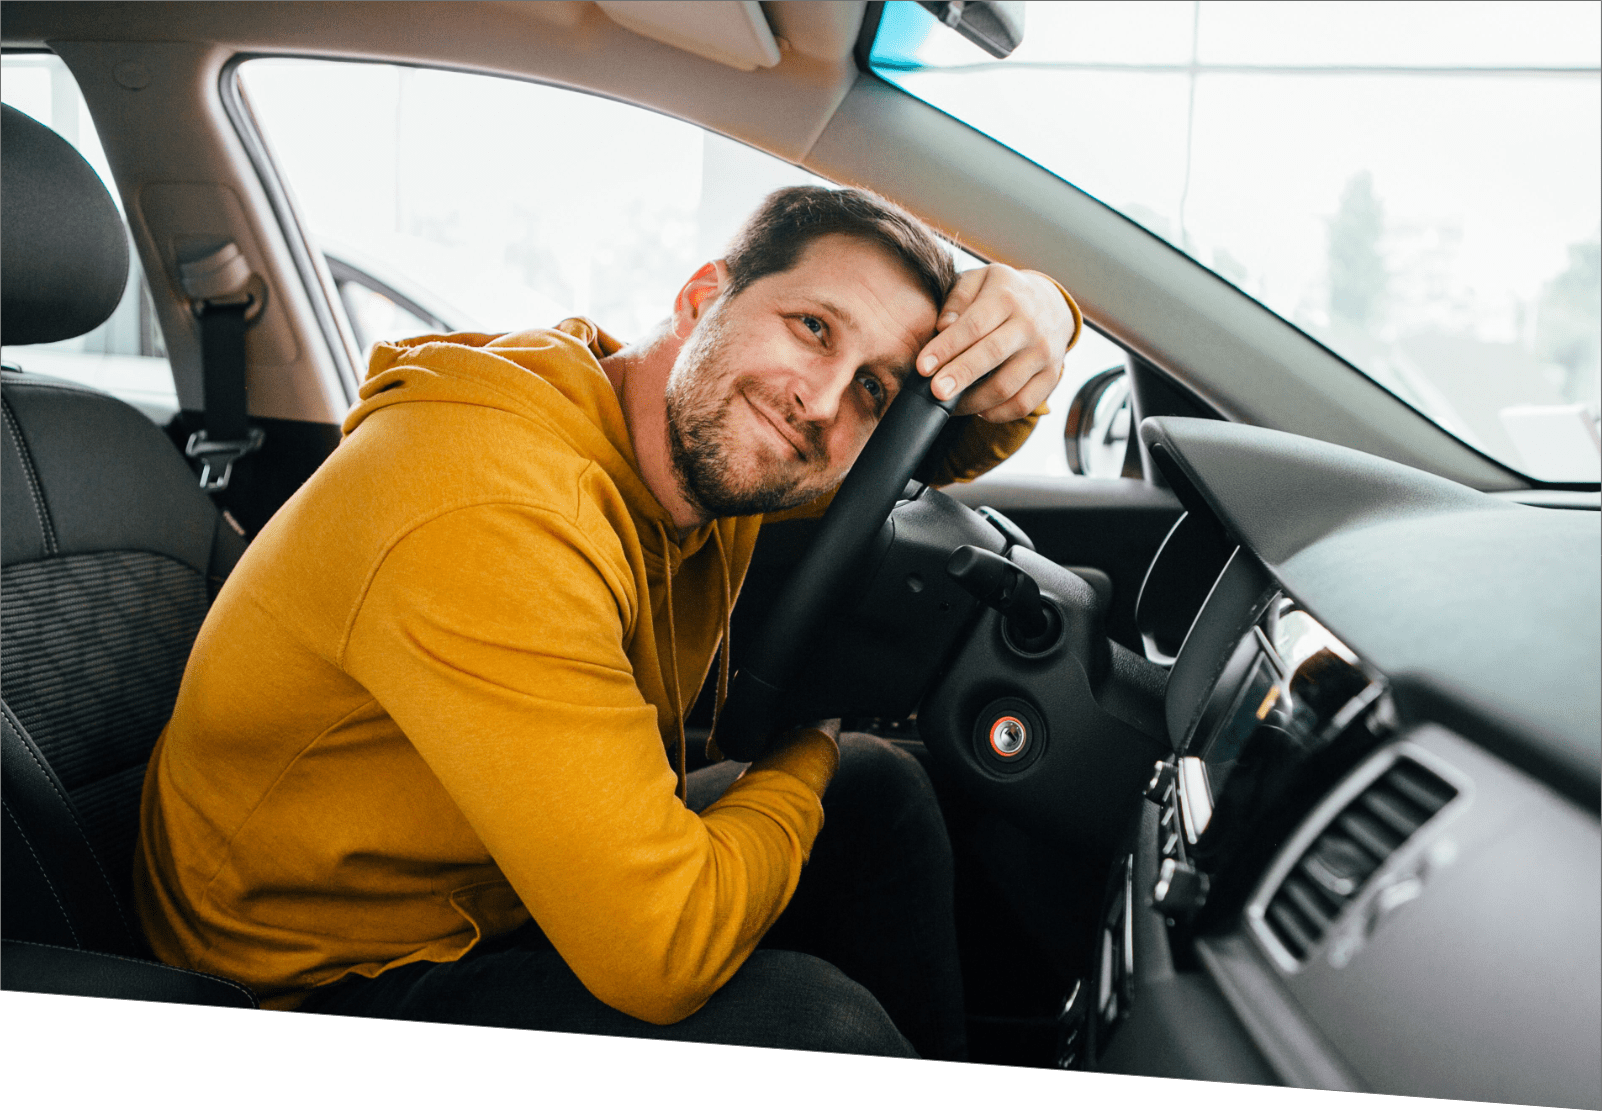 location de voitures entre particuliers r union zotcar louer une voiture